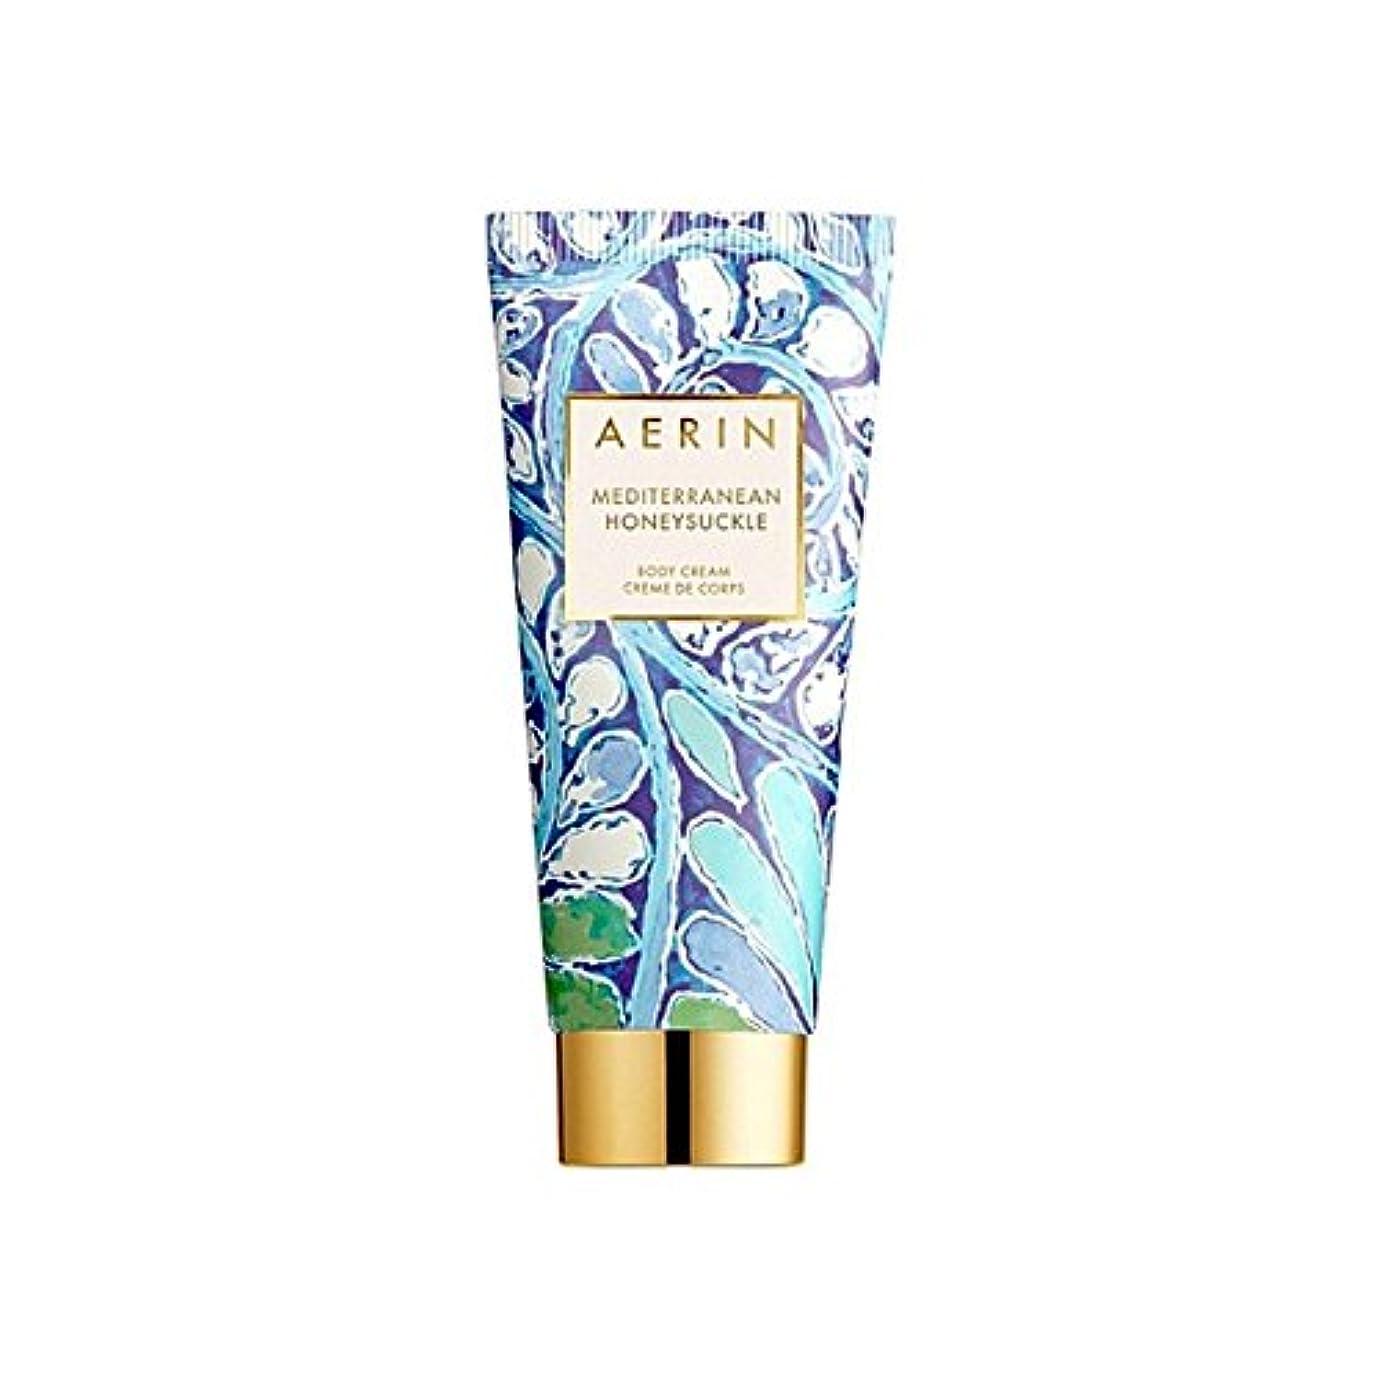 誇張忘れられない手つかずのAerin Mediterrenean Honeysuckle Body Cream 150ml - スイカズラボディクリーム150ミリリットル [並行輸入品]